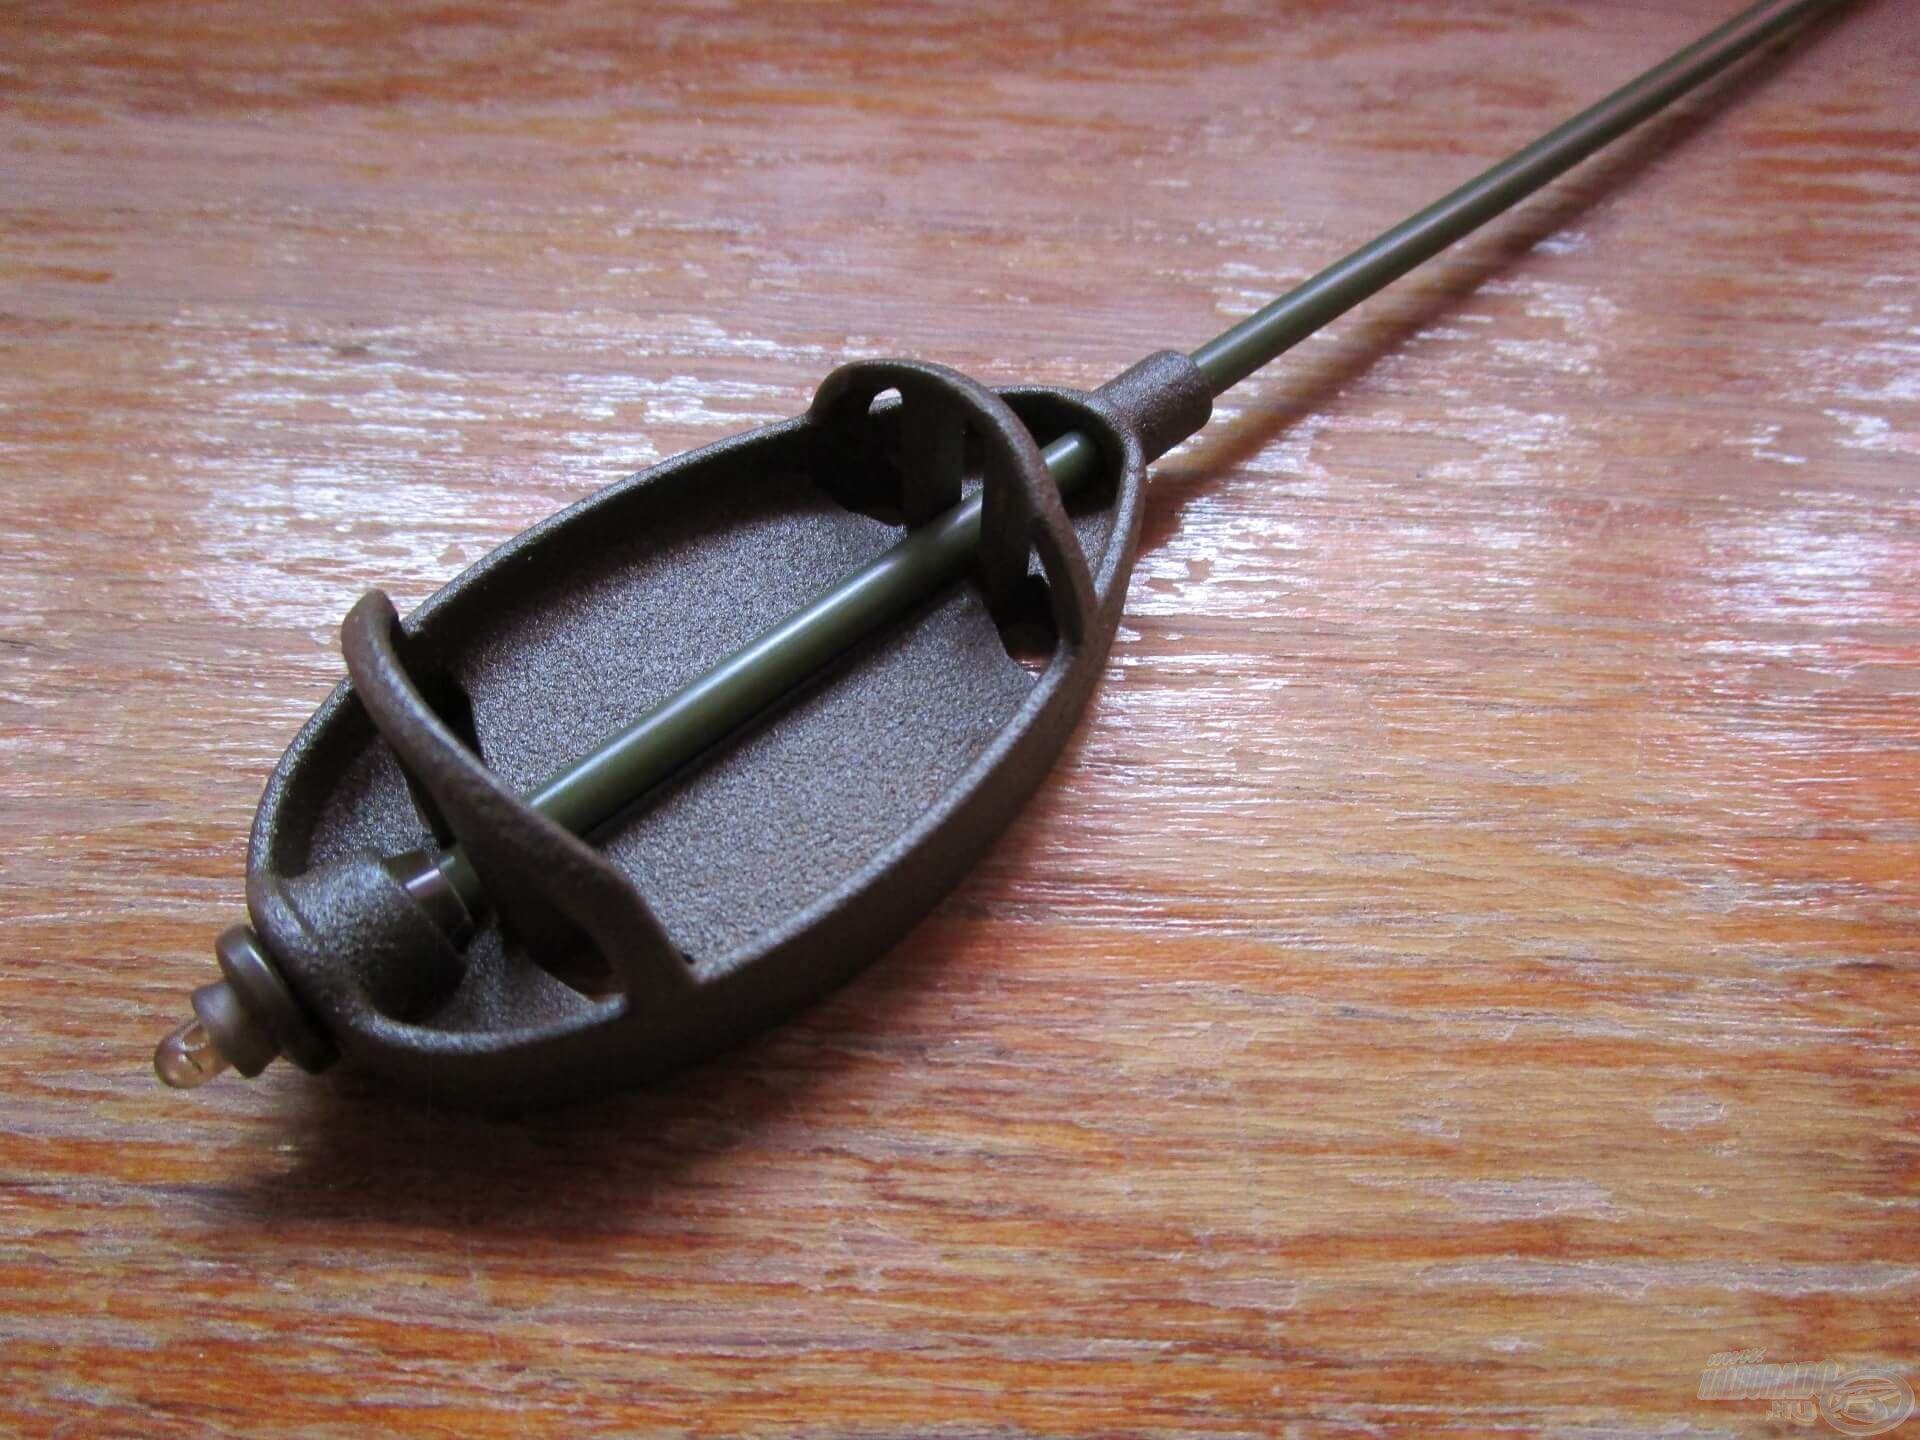 A gyári gyorskapocs egy picit kilóg az új cső miatt, de ez a használhatóságot nem befolyásolja